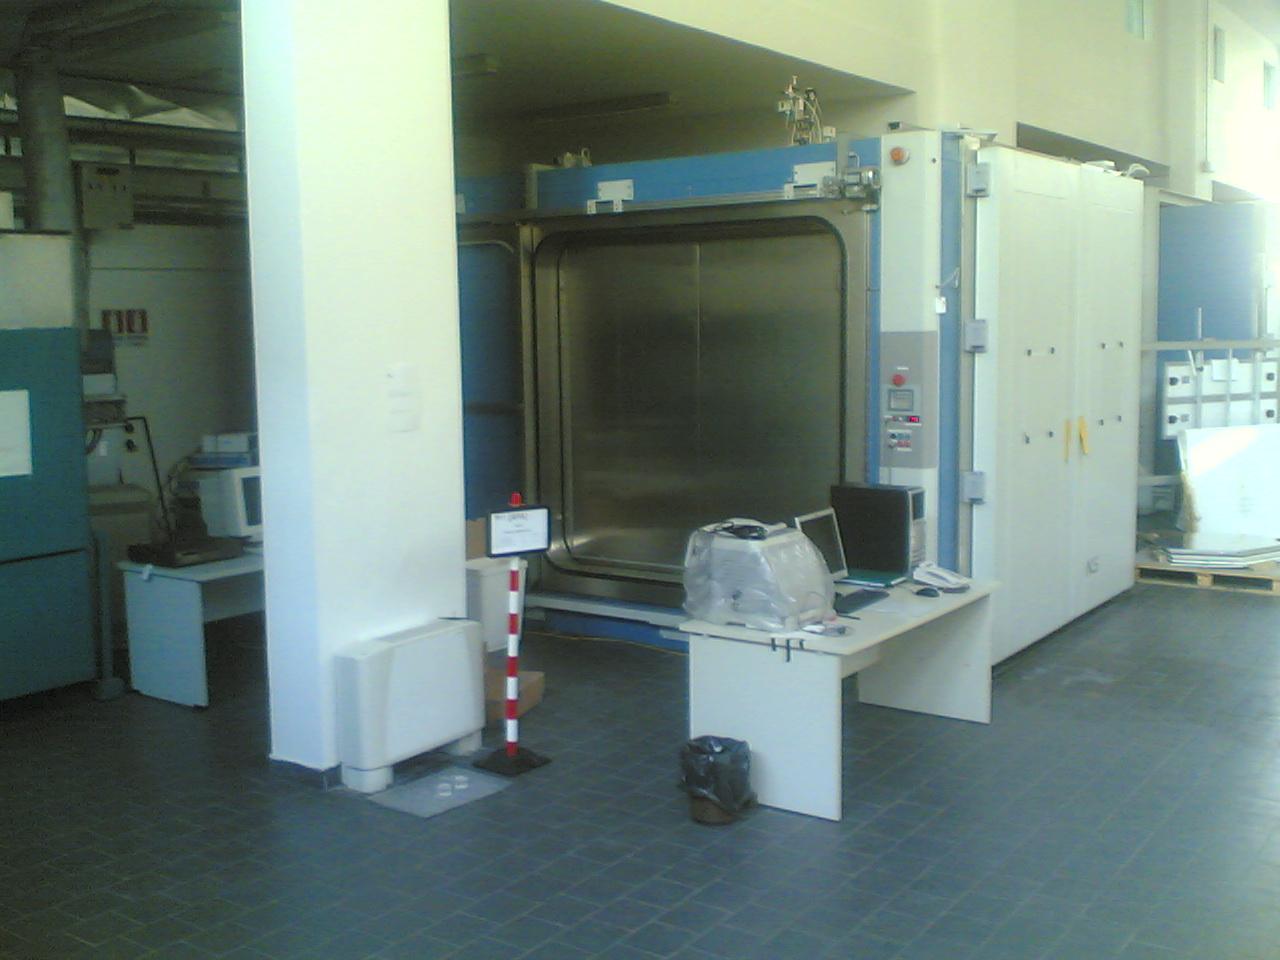 Camara climatica utilizzata per la prova. Pvsmart CR Enea Portici